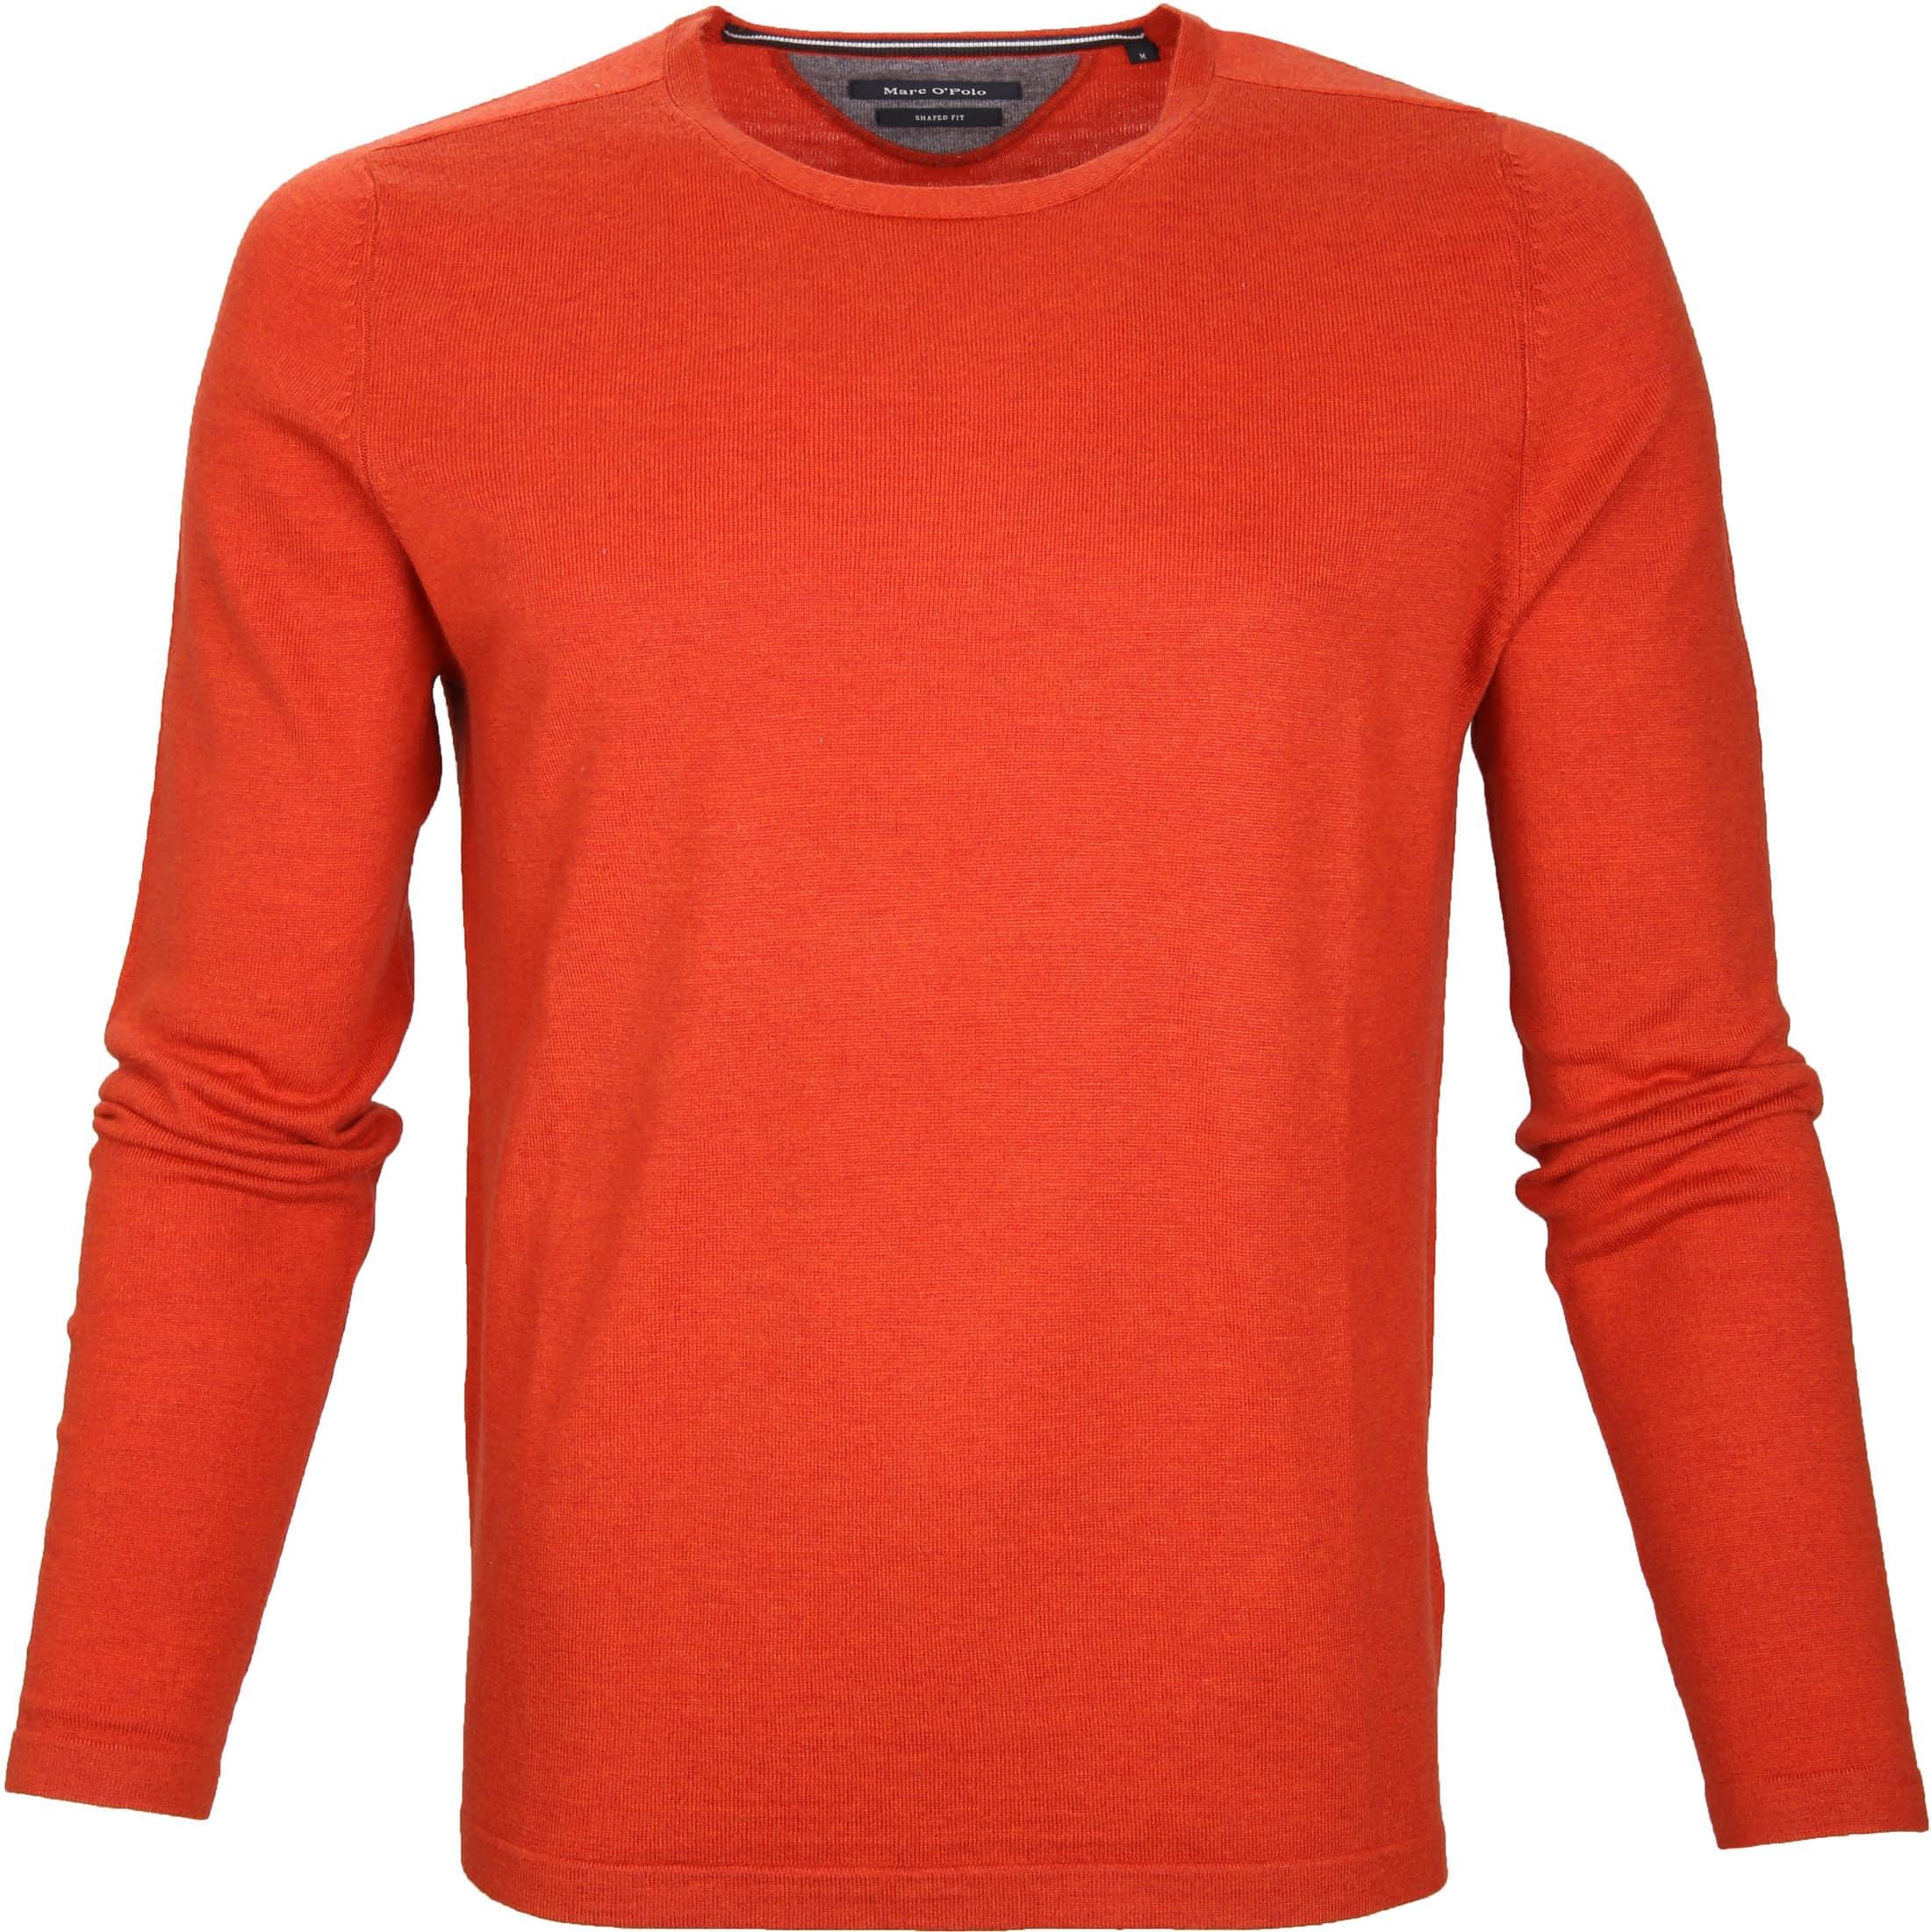 Marc O'Polo Pullover Wol Oranje foto 0